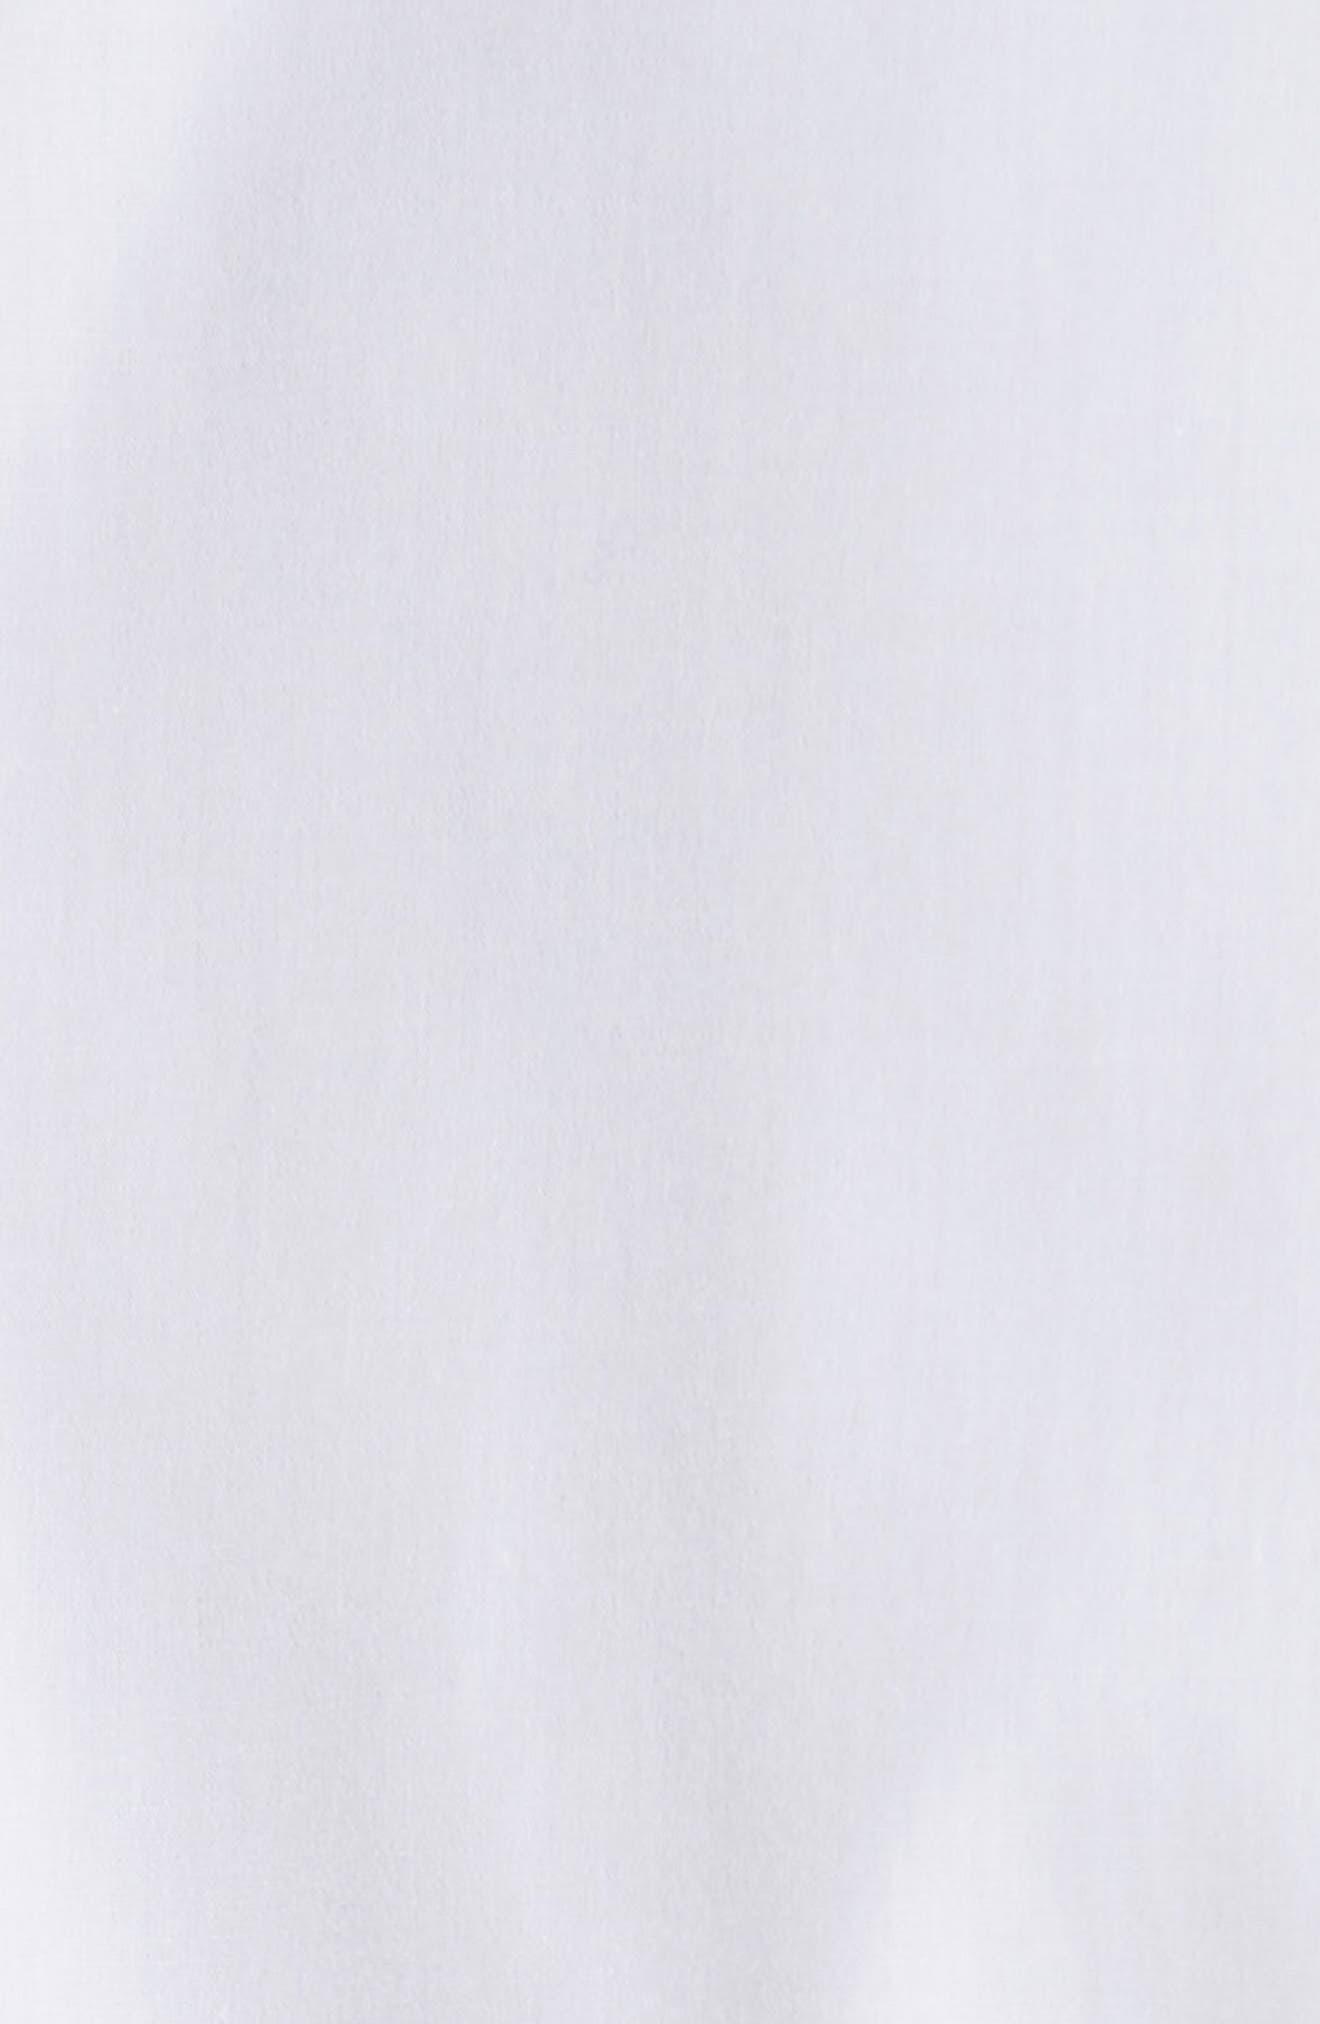 Extra Trim Fit Cotton Dress Shirt,                             Alternate thumbnail 5, color,                             100